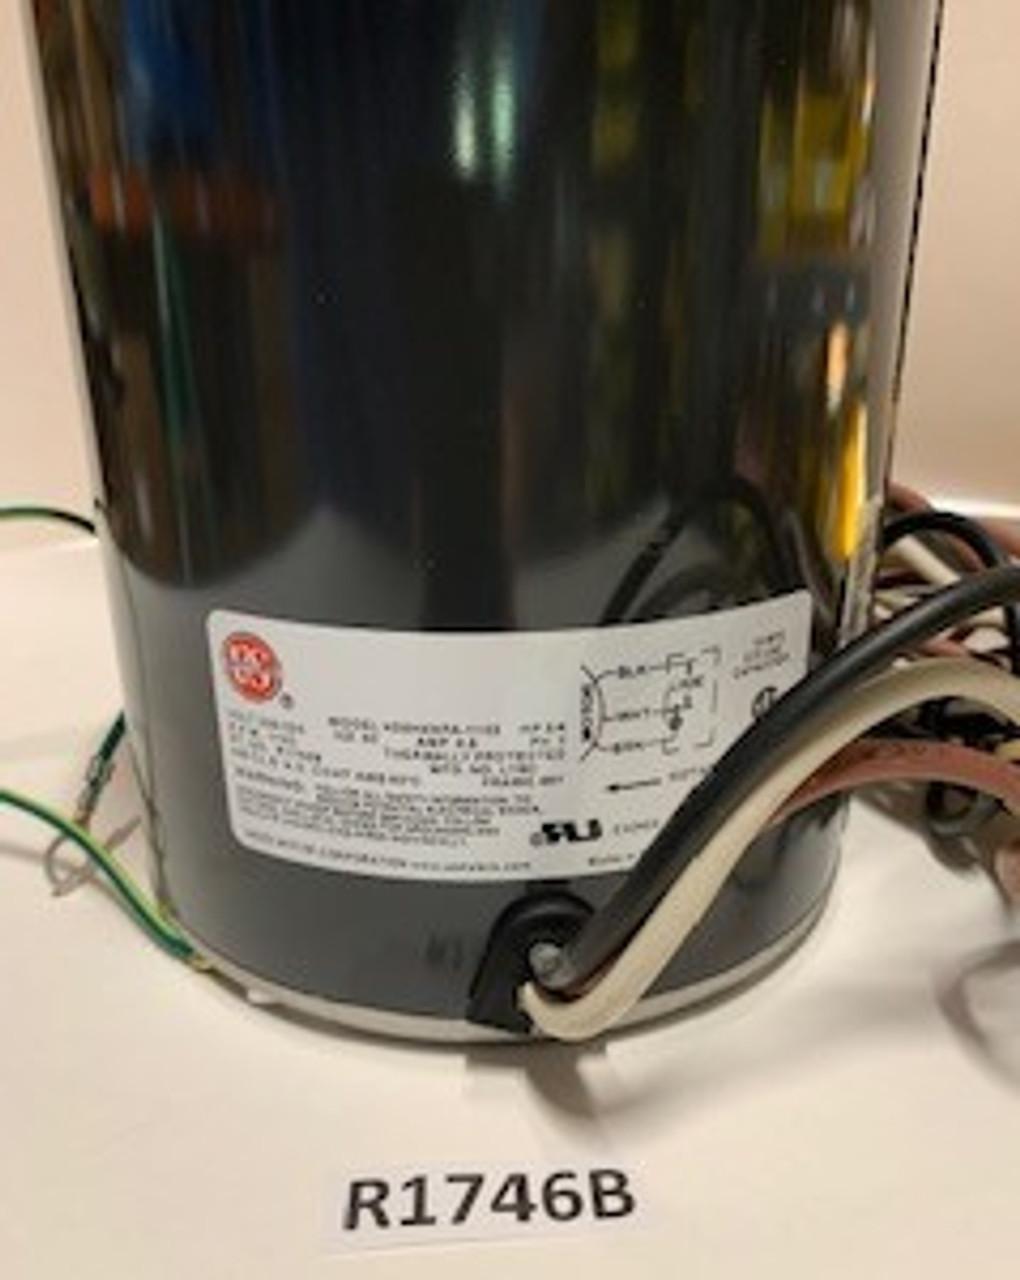 .75 HP/208-230V Condenser Fan Motor, R1746B